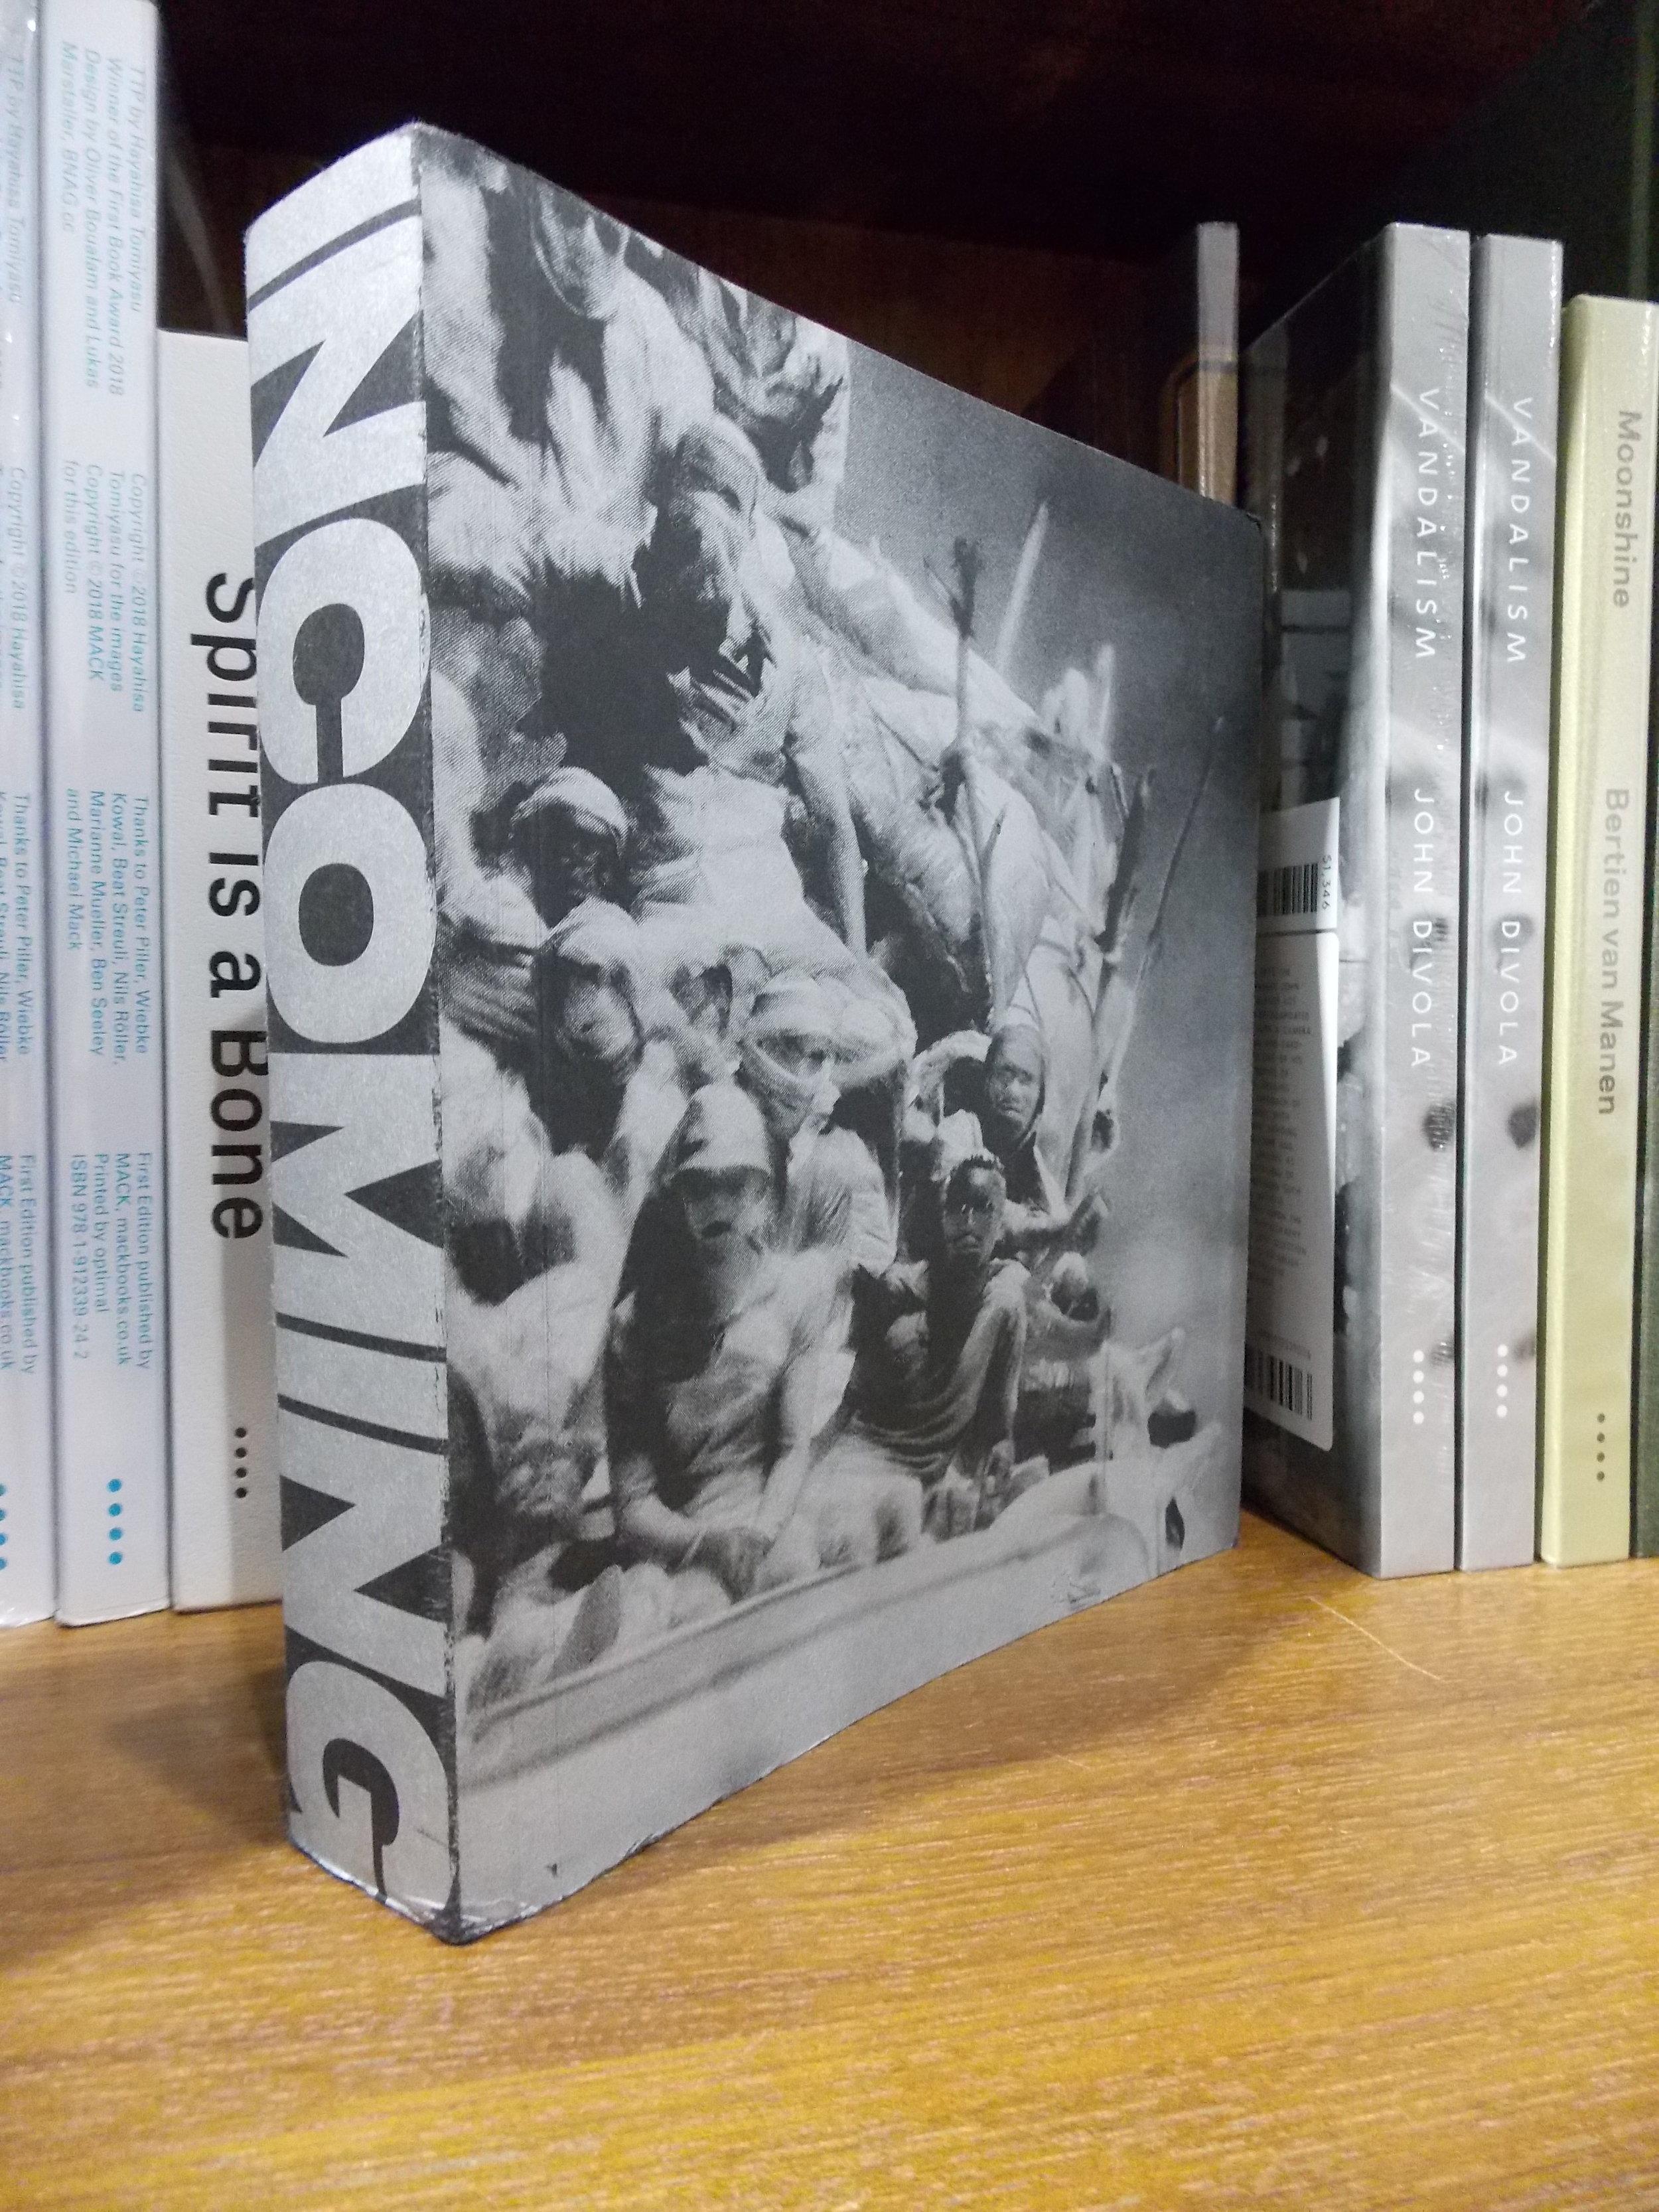 愛爾蘭攝影師 Richard Mosse創作的作品《Incoming》,這本書的規模和創作野心都很有意思,但是在台灣就賣不好。